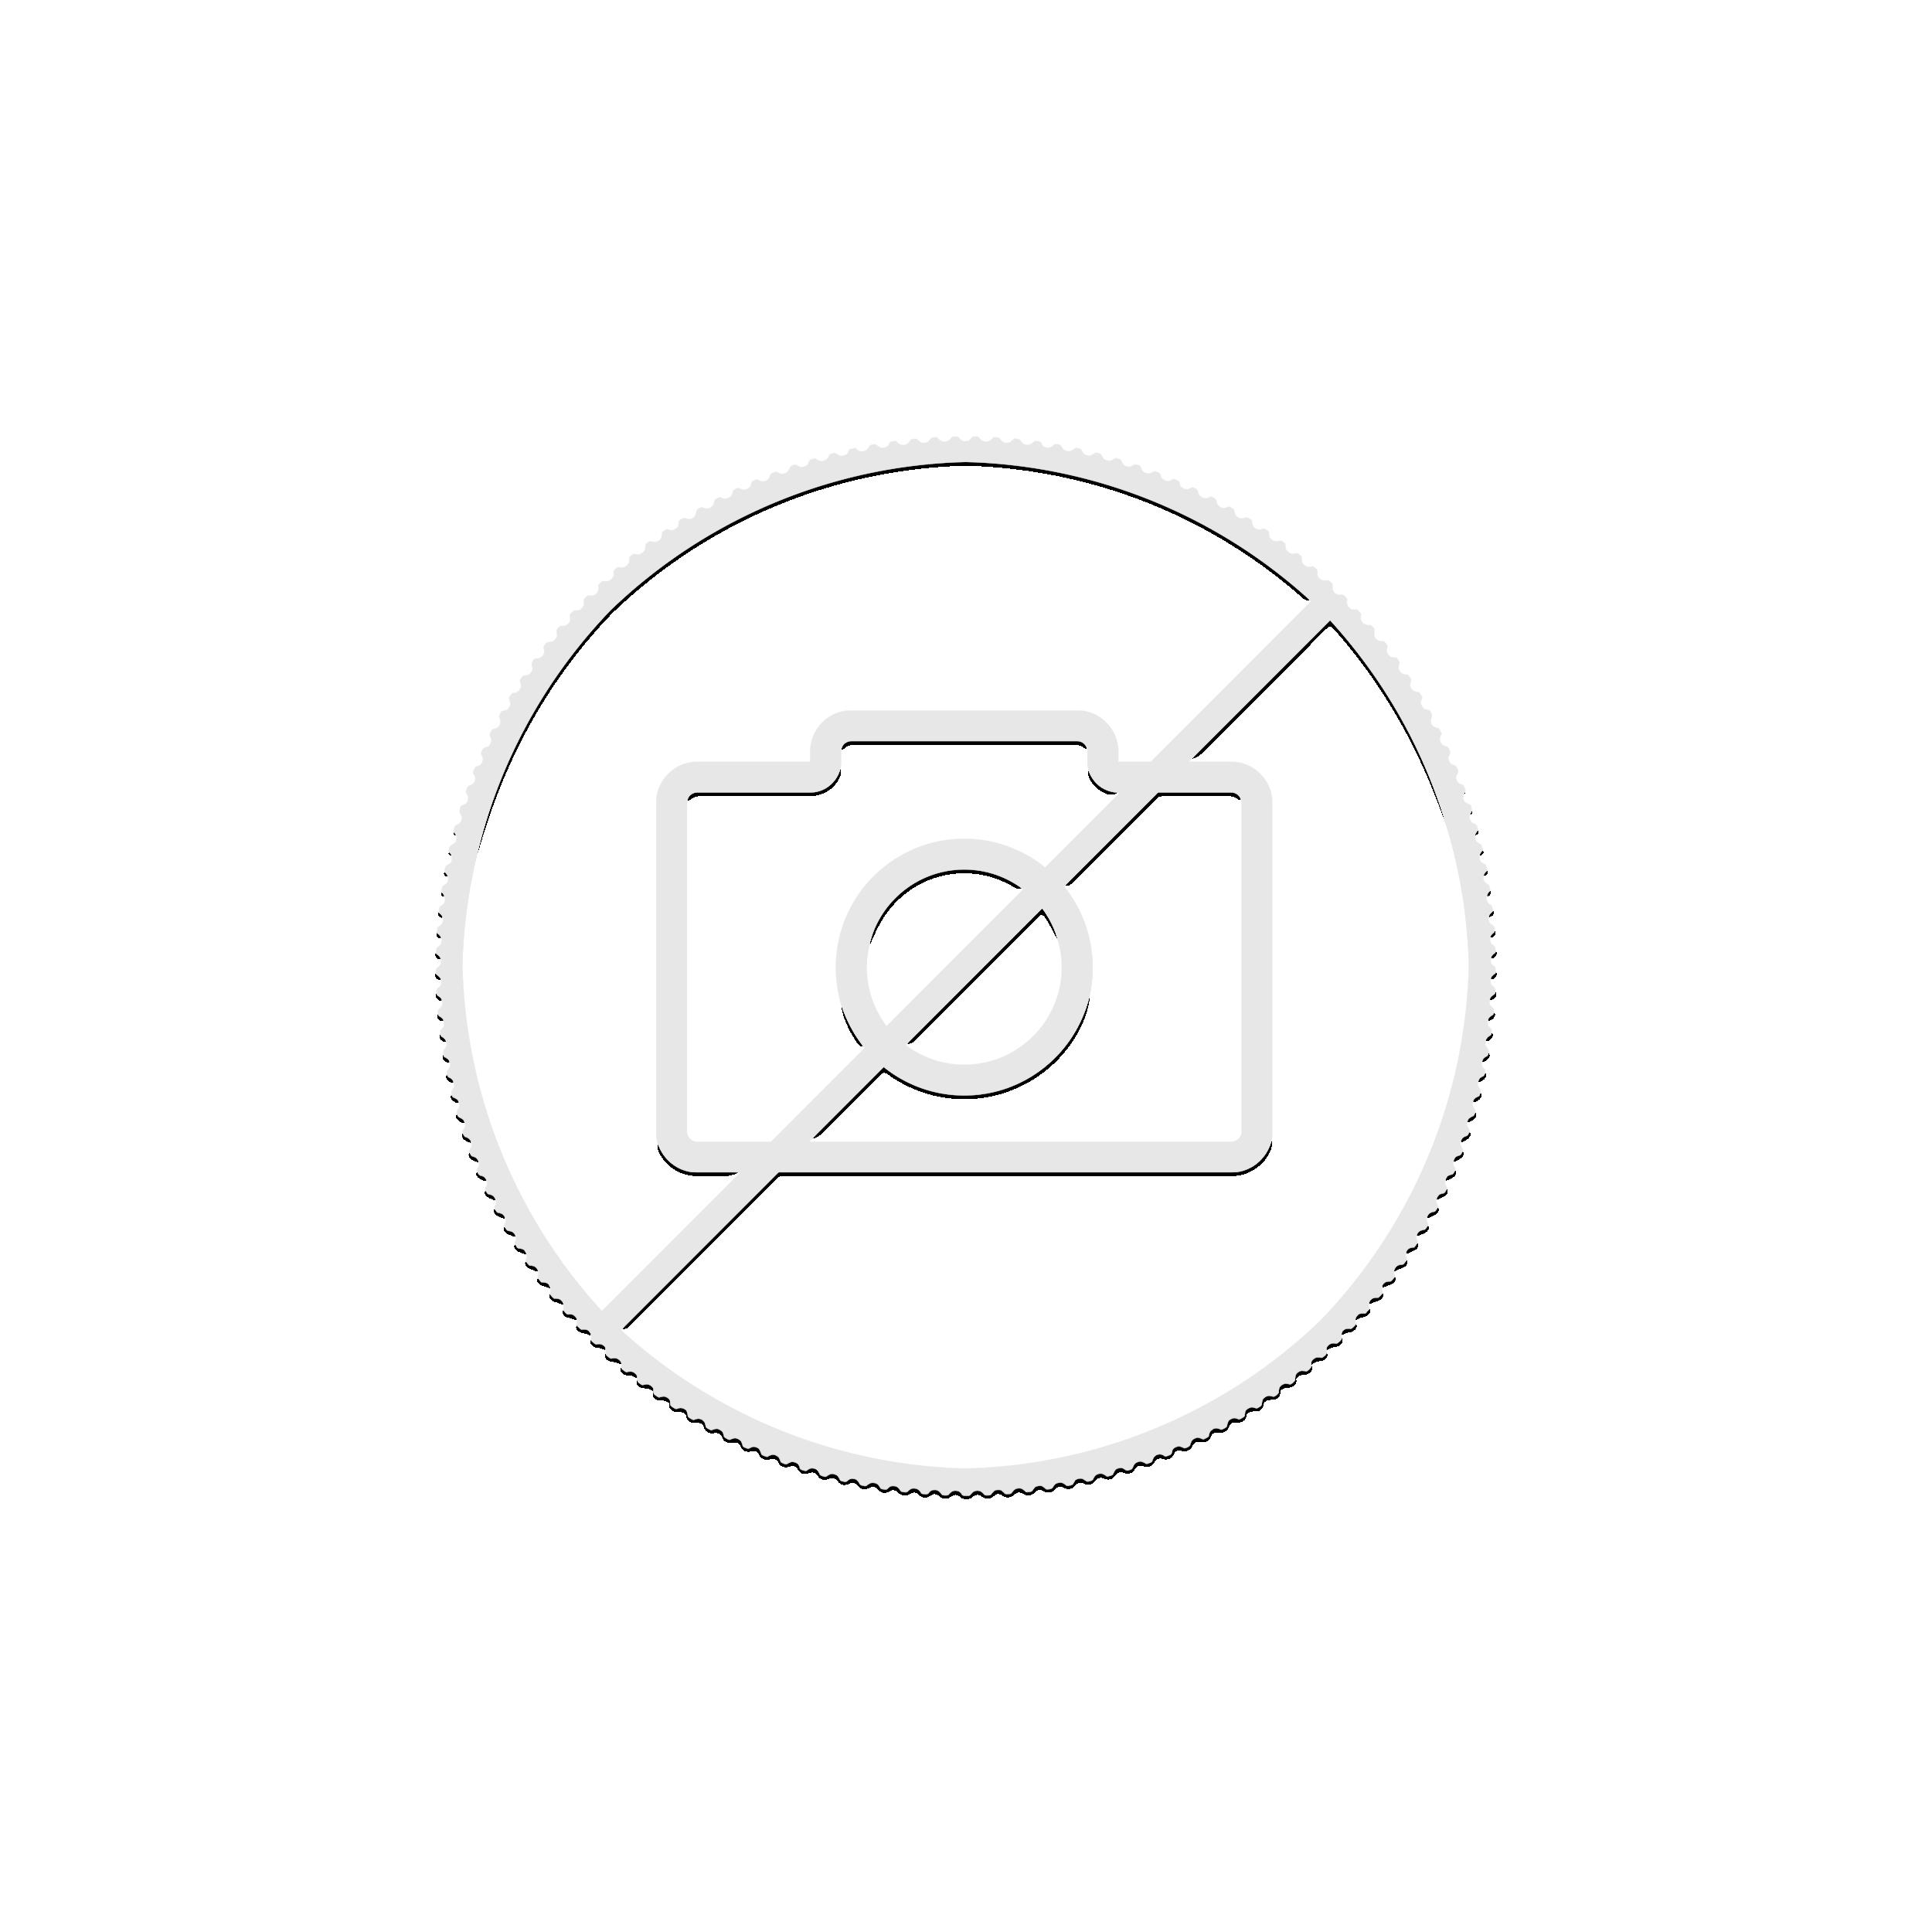 3-delige zilveren munten set Lunar 2022 Proof